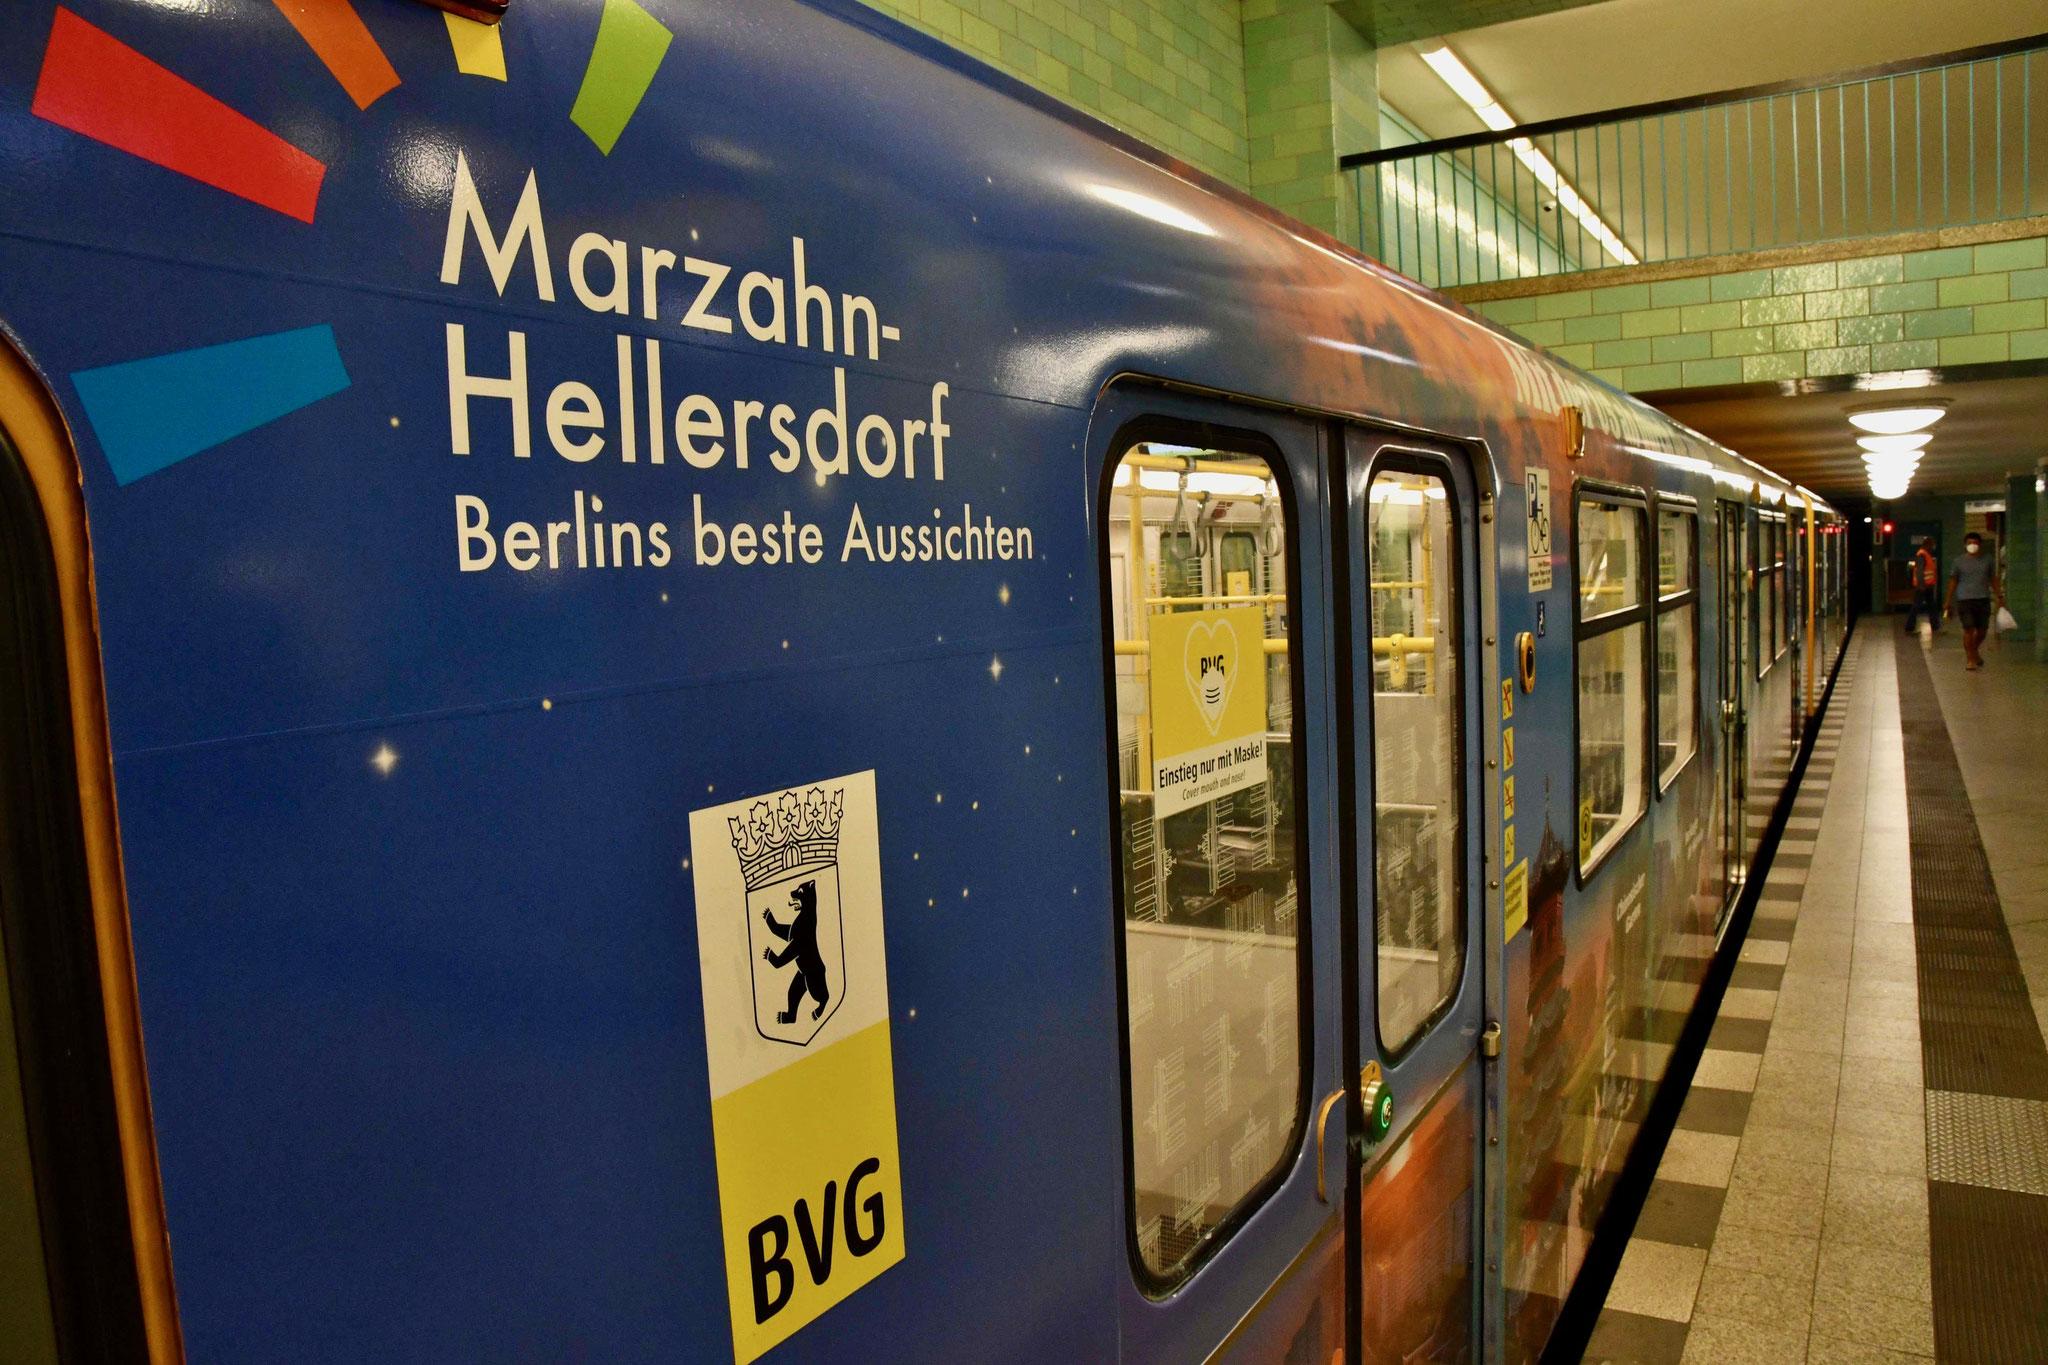 Die Botschaft ist: Marzahn-Hellersdorf kann sich echt sehen lassen. Ein Besuch lohnt sich immer. © pressefoto-uhlemann.de